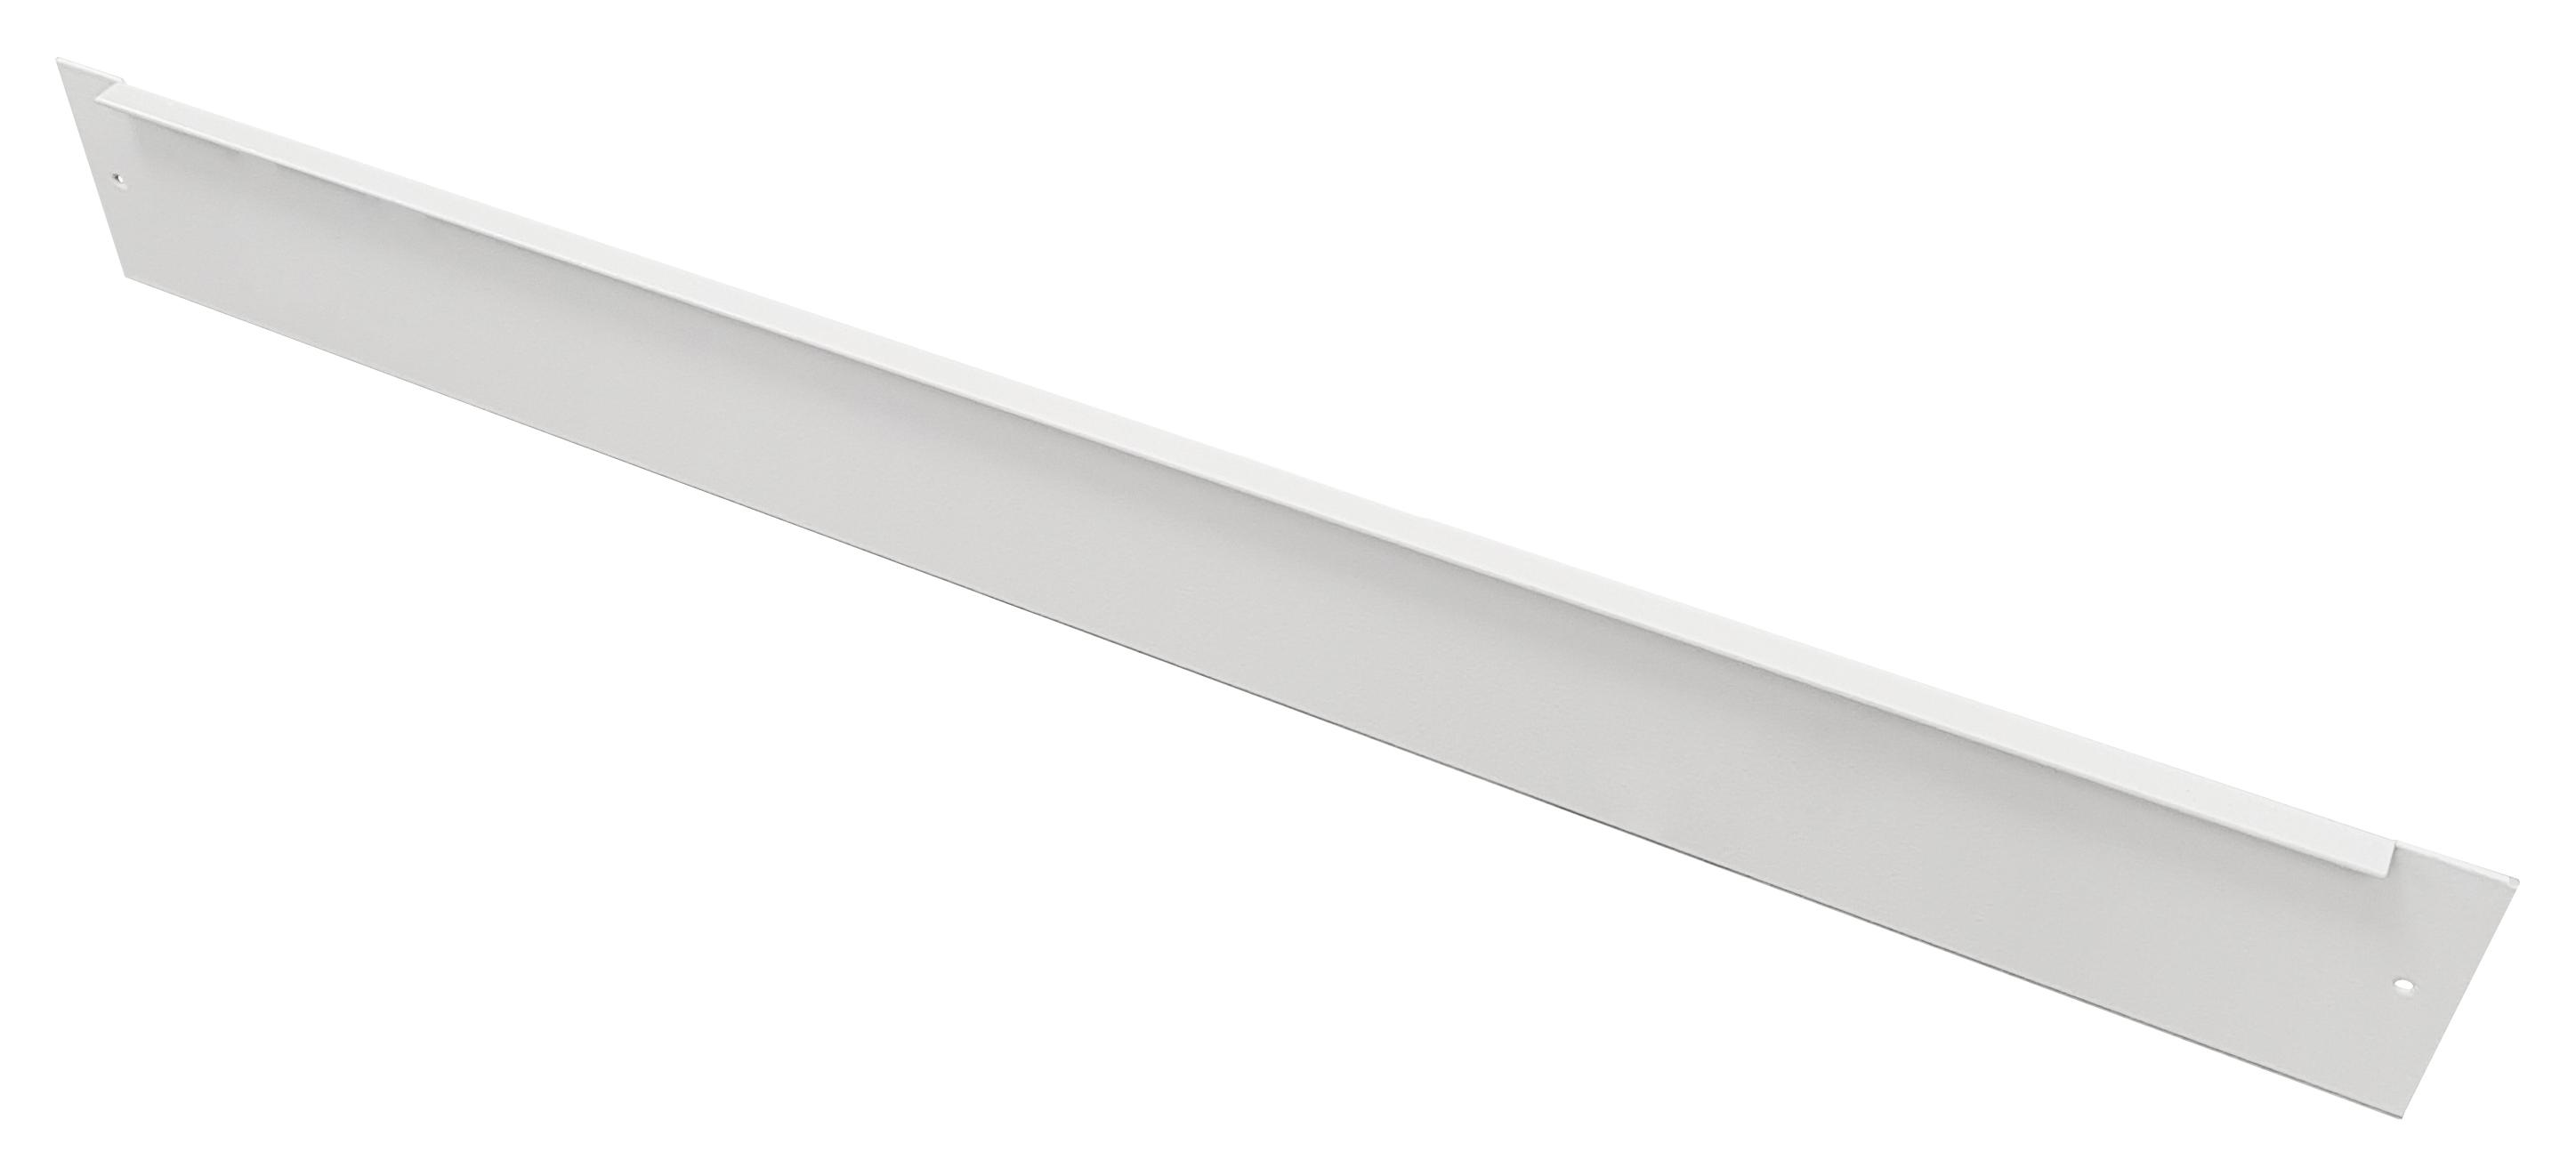 1 Stk Sockel-Frontrahmen für AP-Verteiler Breite 3 IL091300--